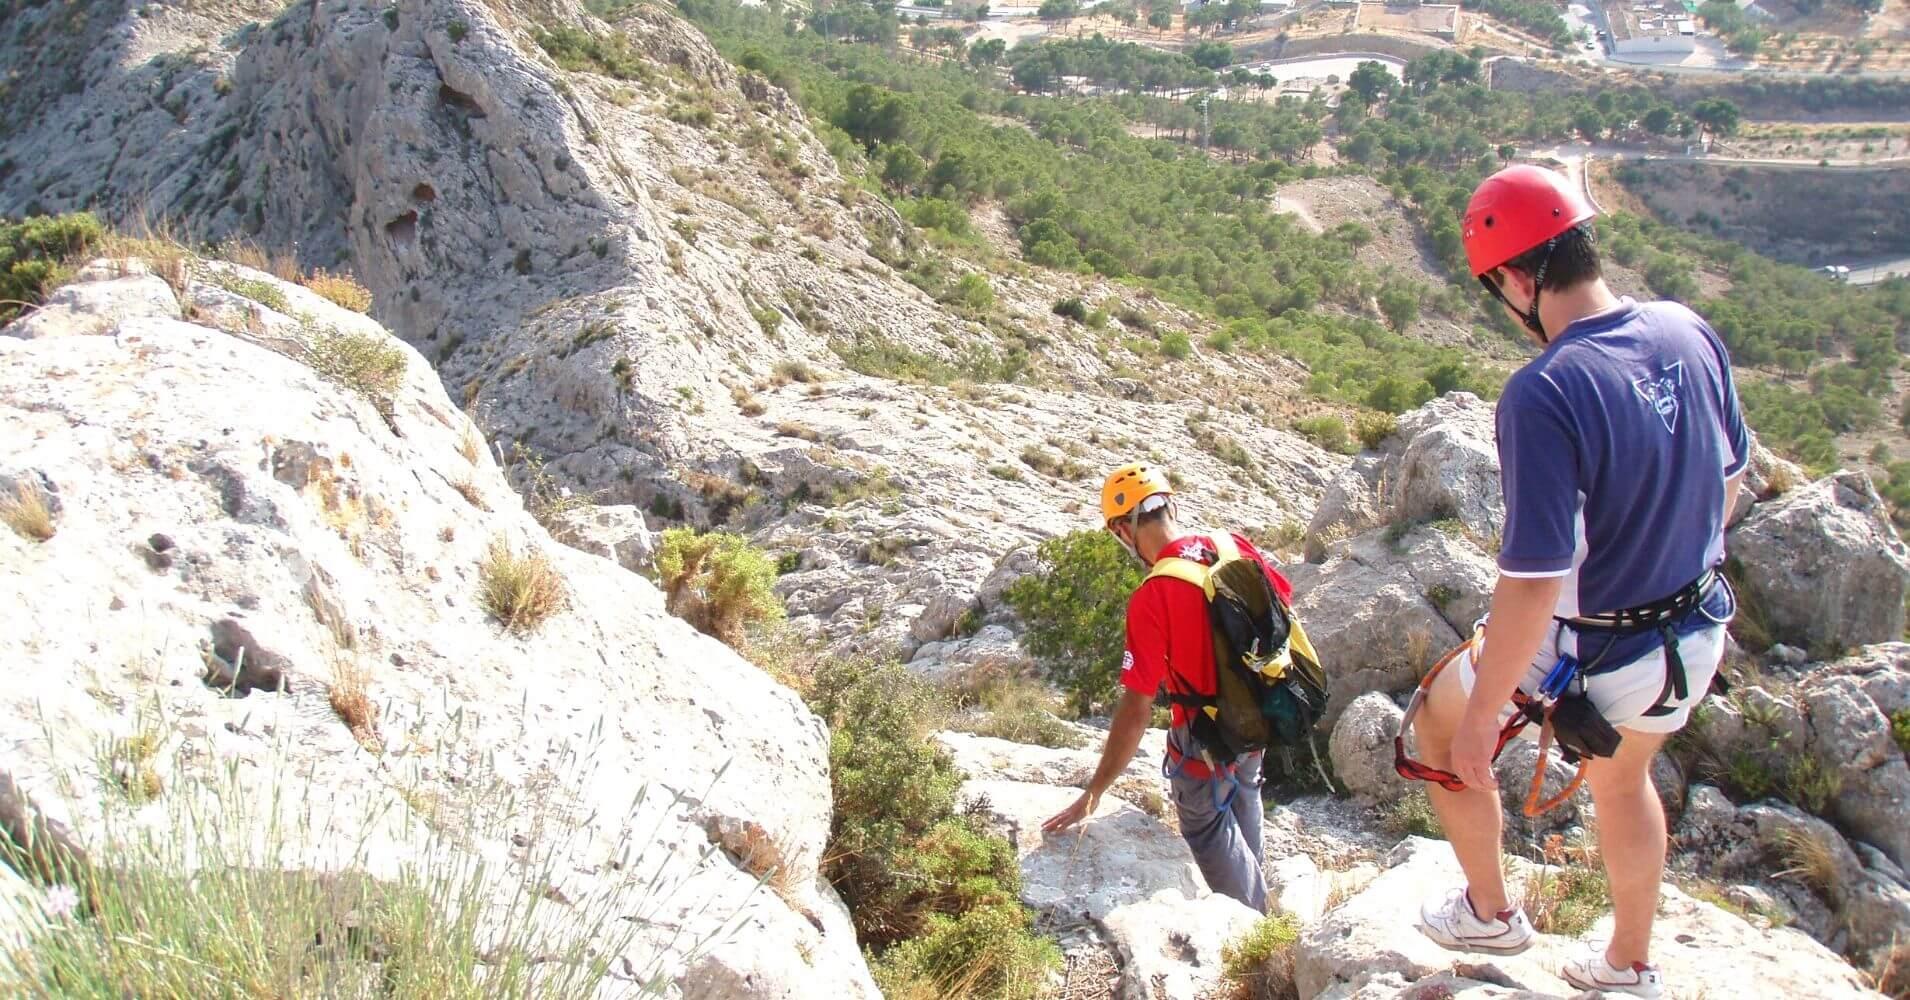 Descenso de la Vía Ferrata de Villena, Alicante.